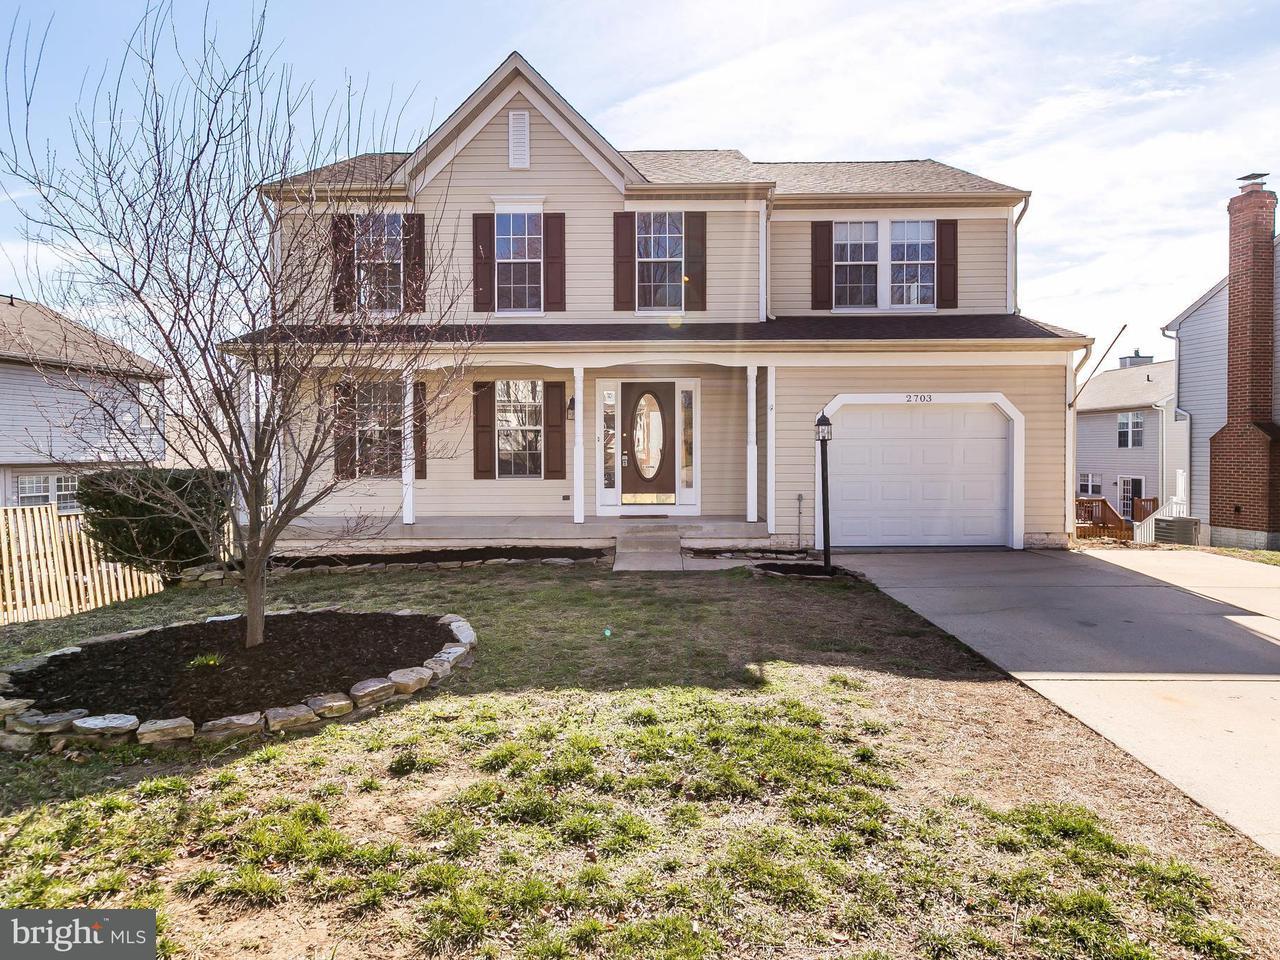 一戸建て のために 売買 アット 2703 Price Road 2703 Price Road Crofton, メリーランド 21114 アメリカ合衆国